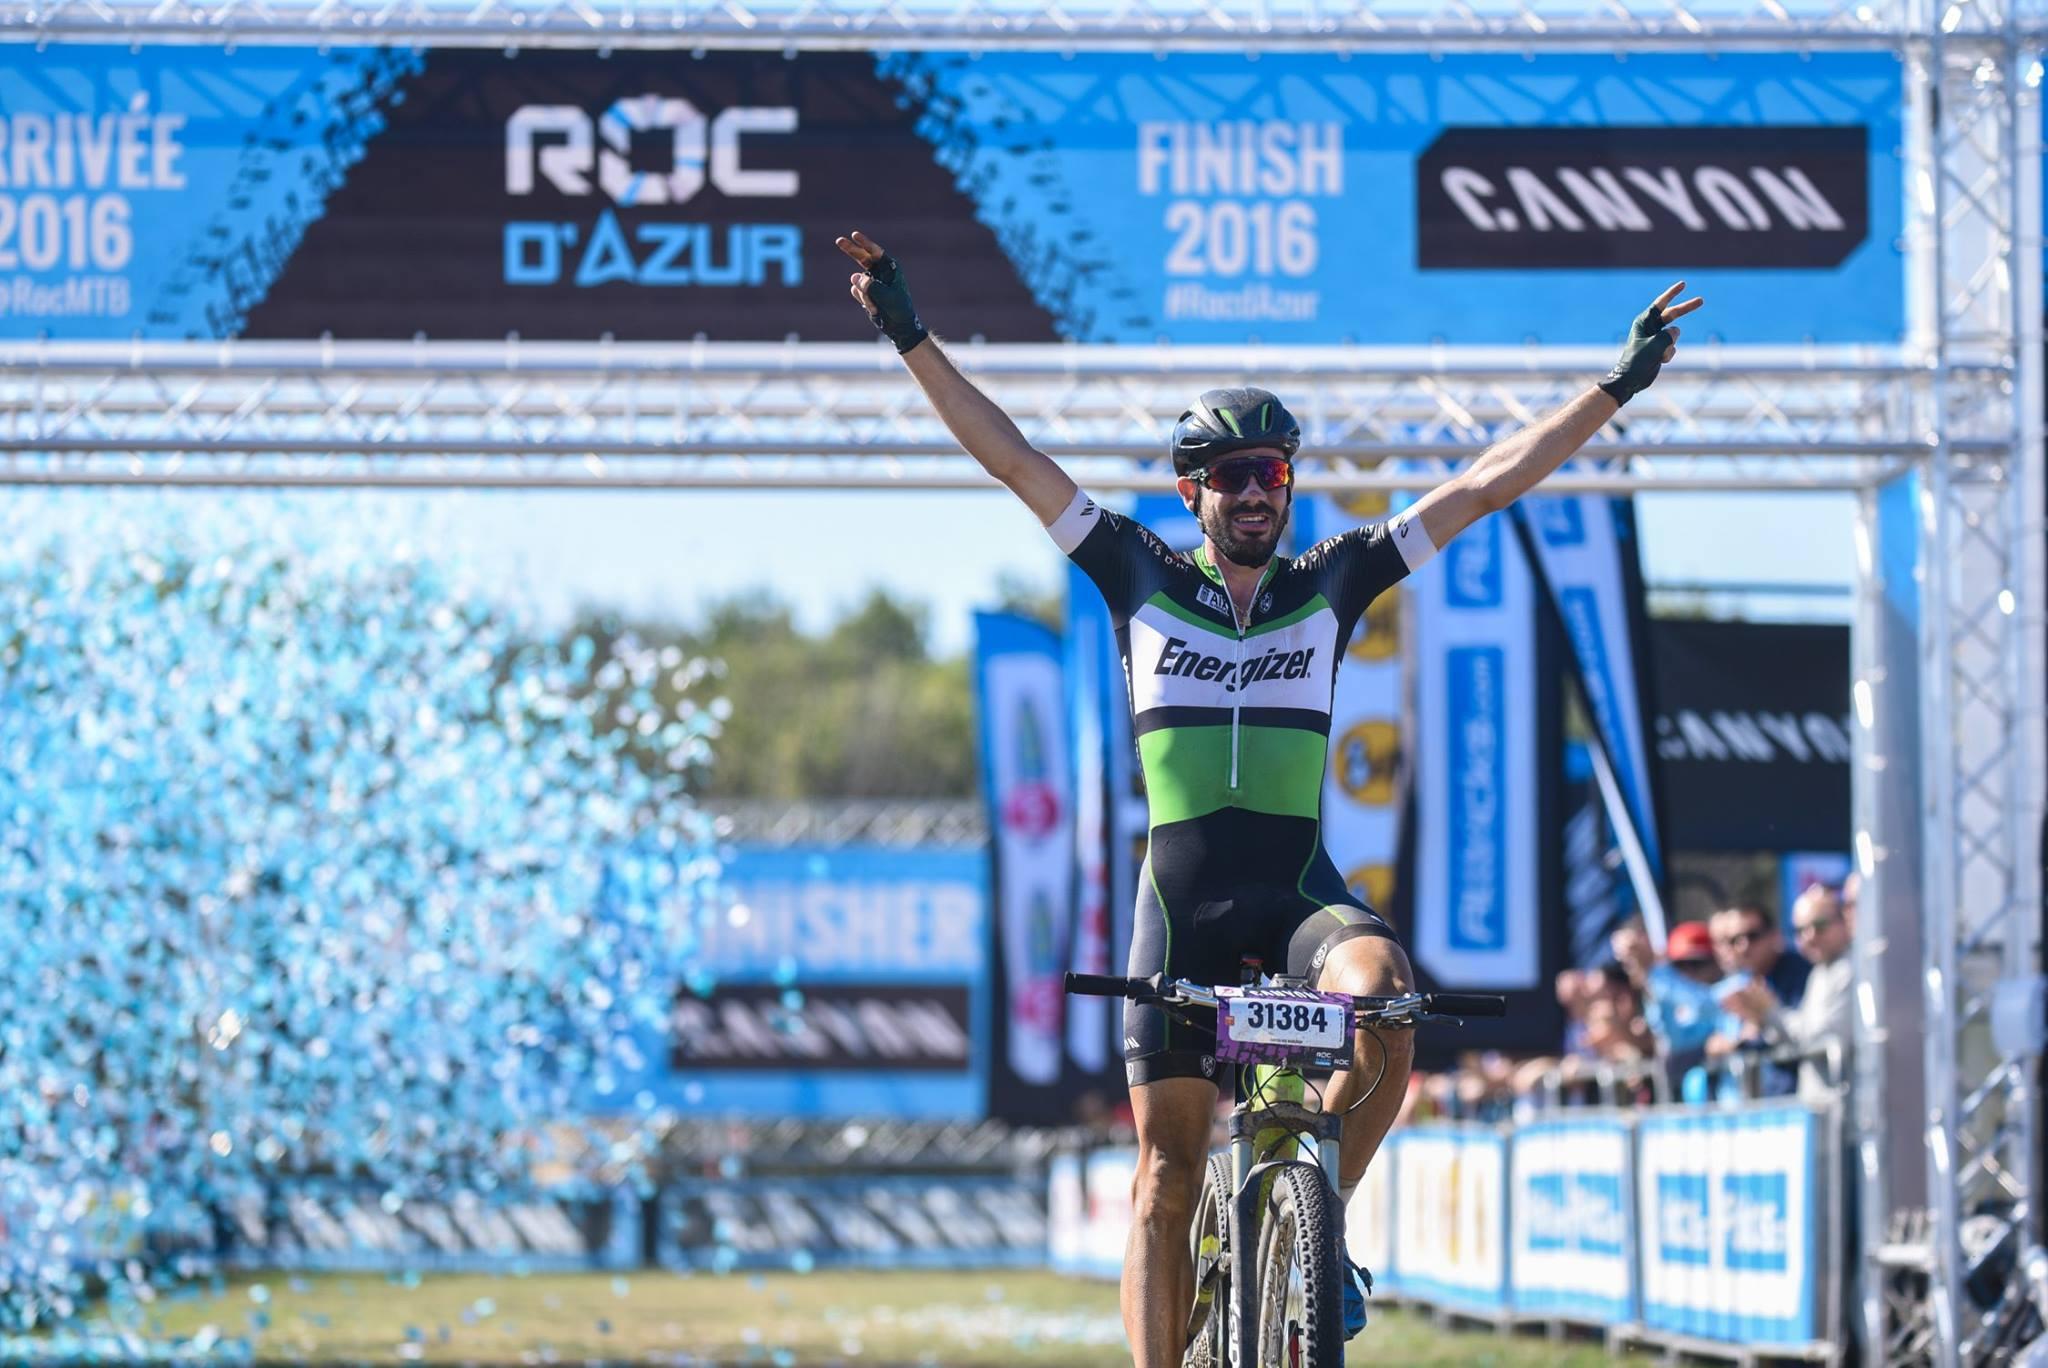 roc-azur-marathon-2016-trarieux-1